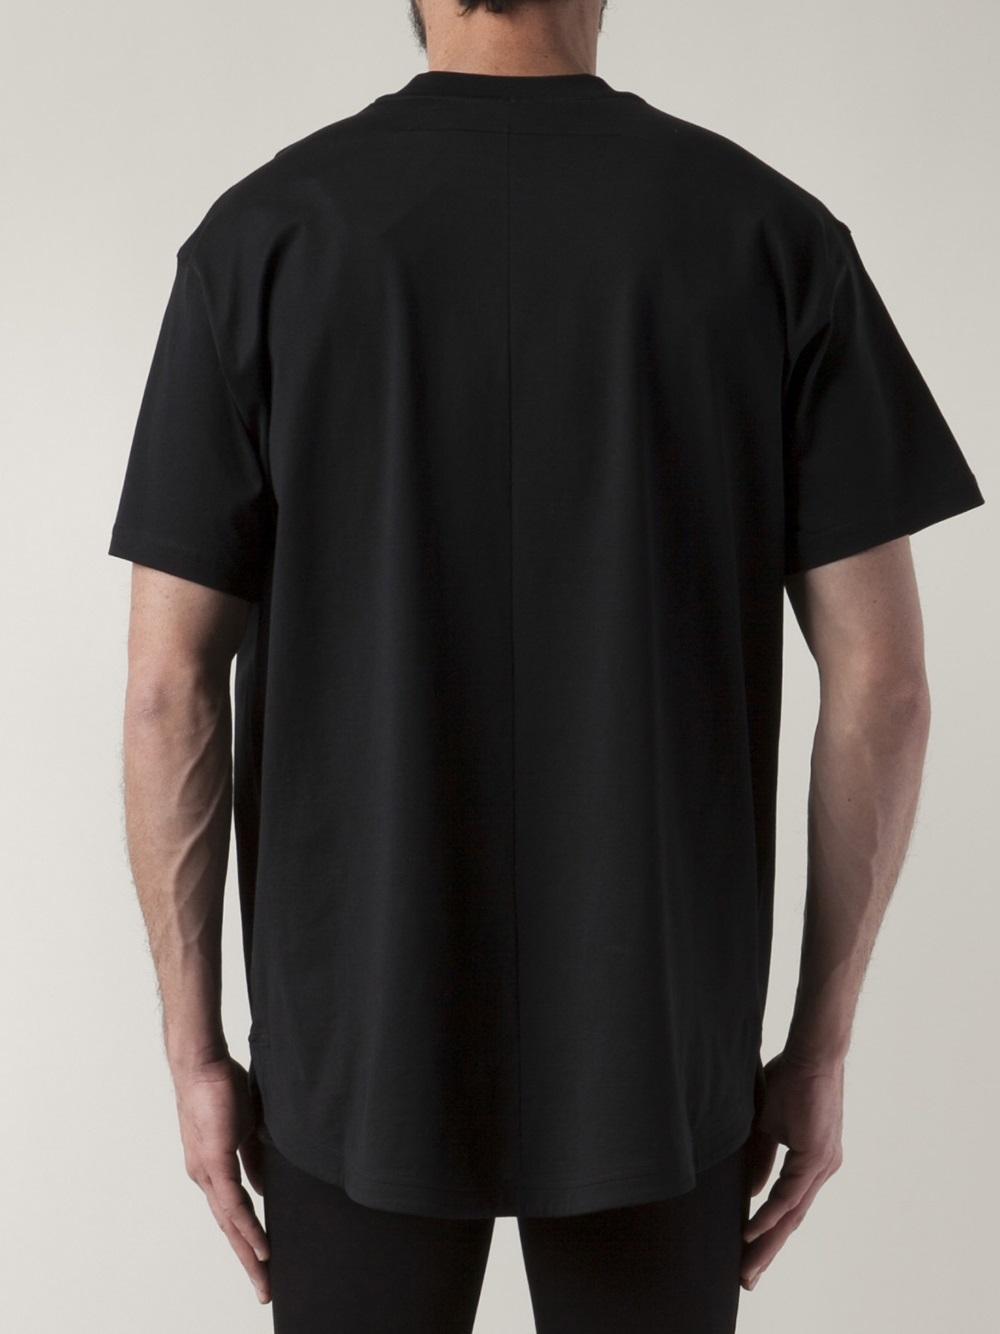 Black Tee Shirt Back Custom Shirt